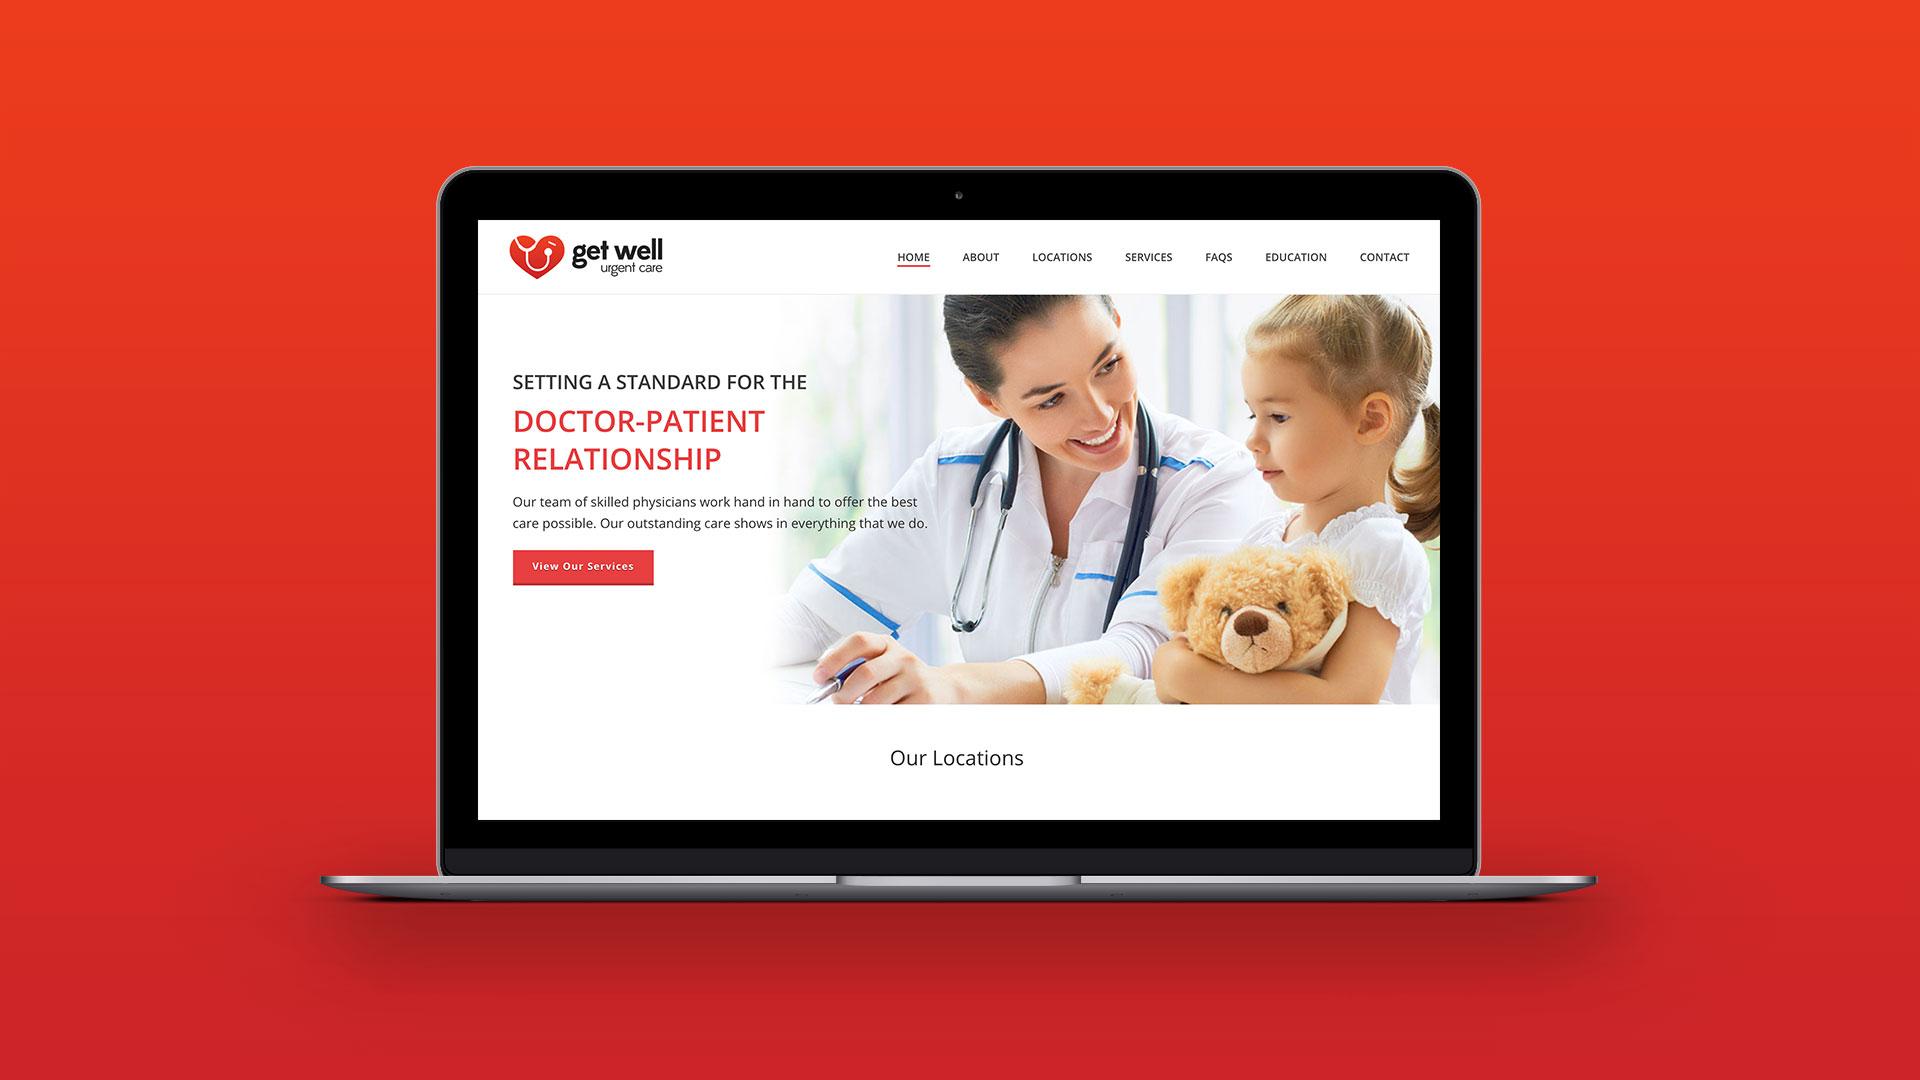 website-mockup-get-well-urgent-care